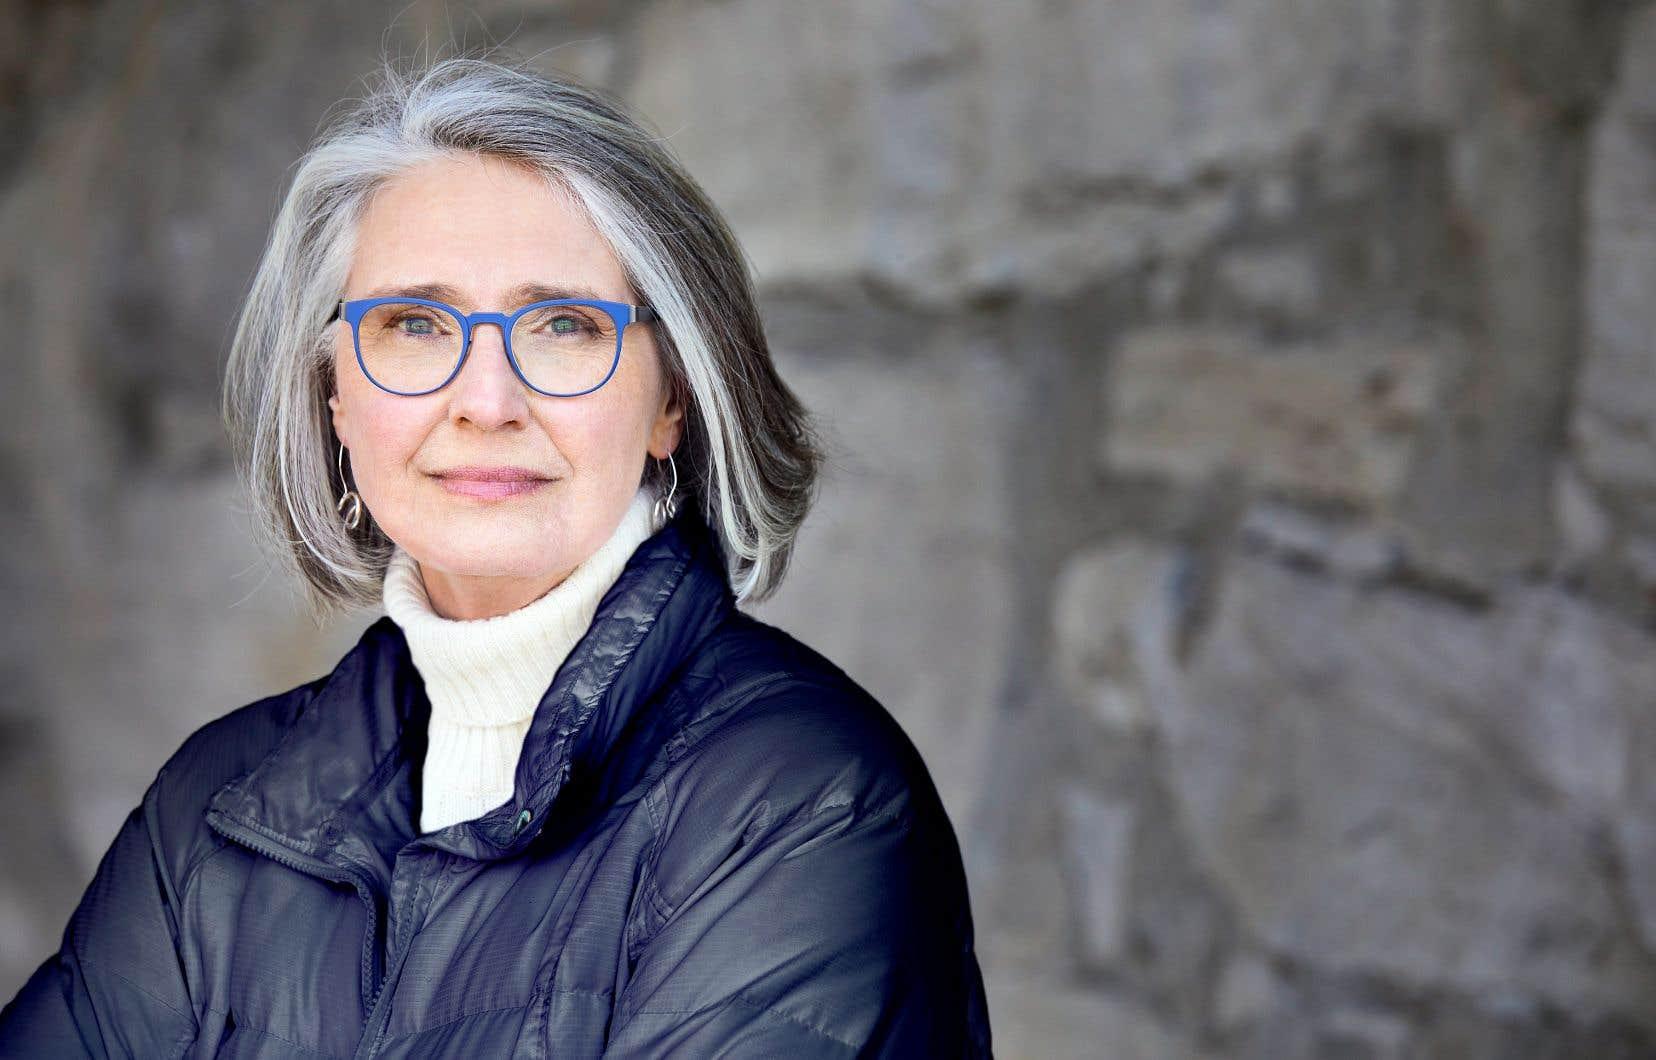 Louise Penny fait maintenant partie du groupe sélect des grandes pointures du polar grâce aux enquêtes d'Armand Gamache, traduites en une vingtaine de langues.